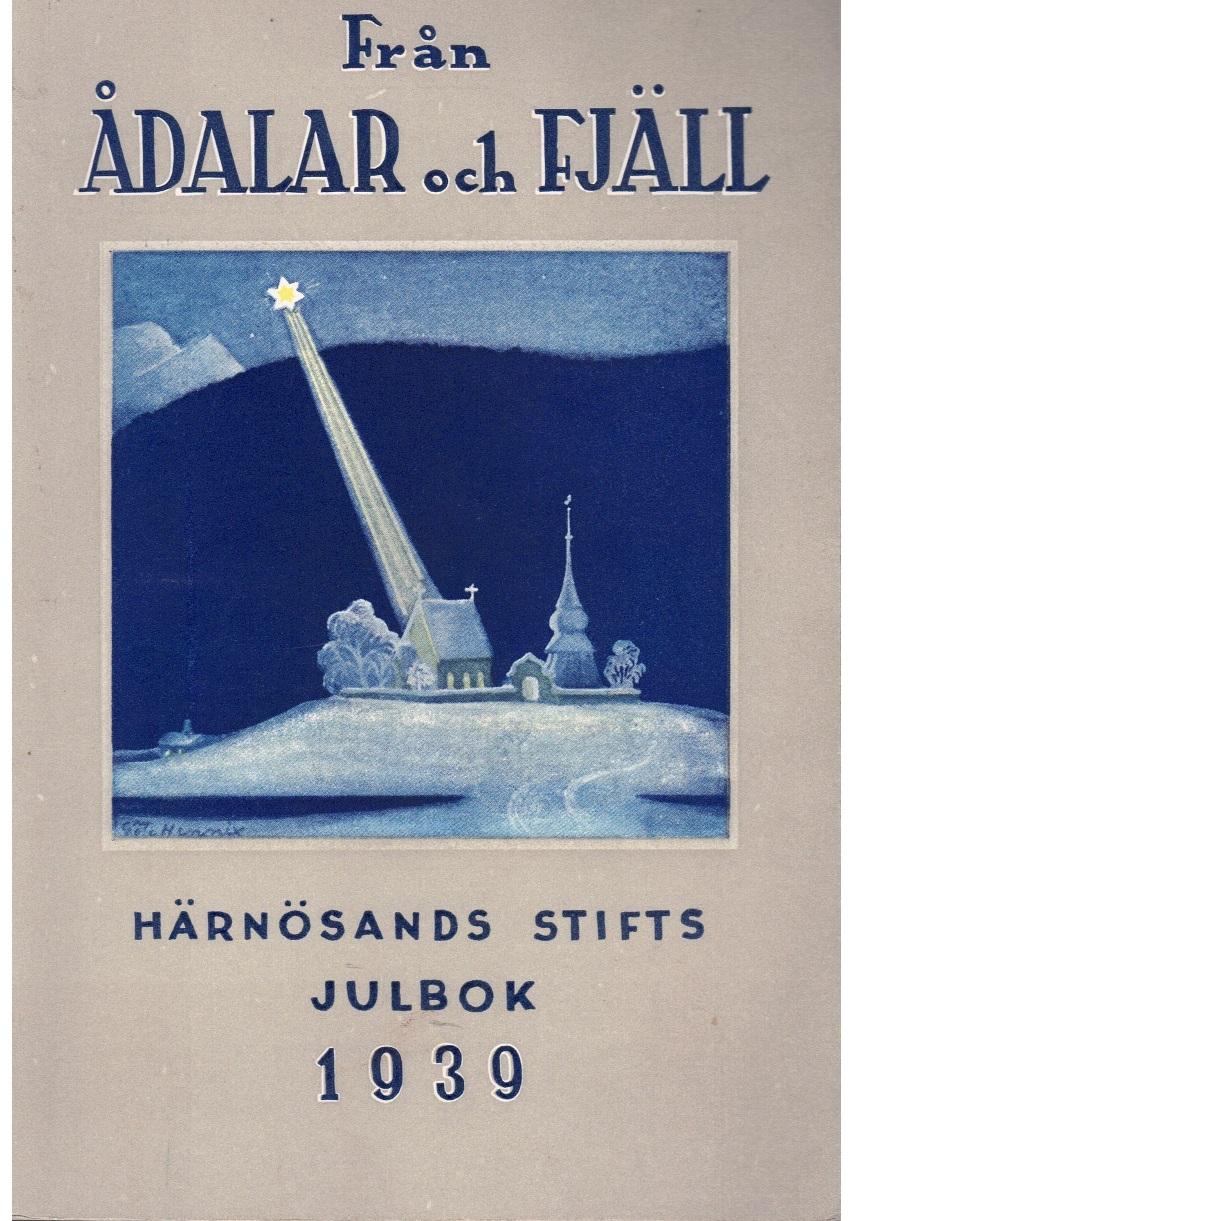 Från ådalar och fjäll - Härnösands stifts julbok 1939 - Öberg, Hans m fl